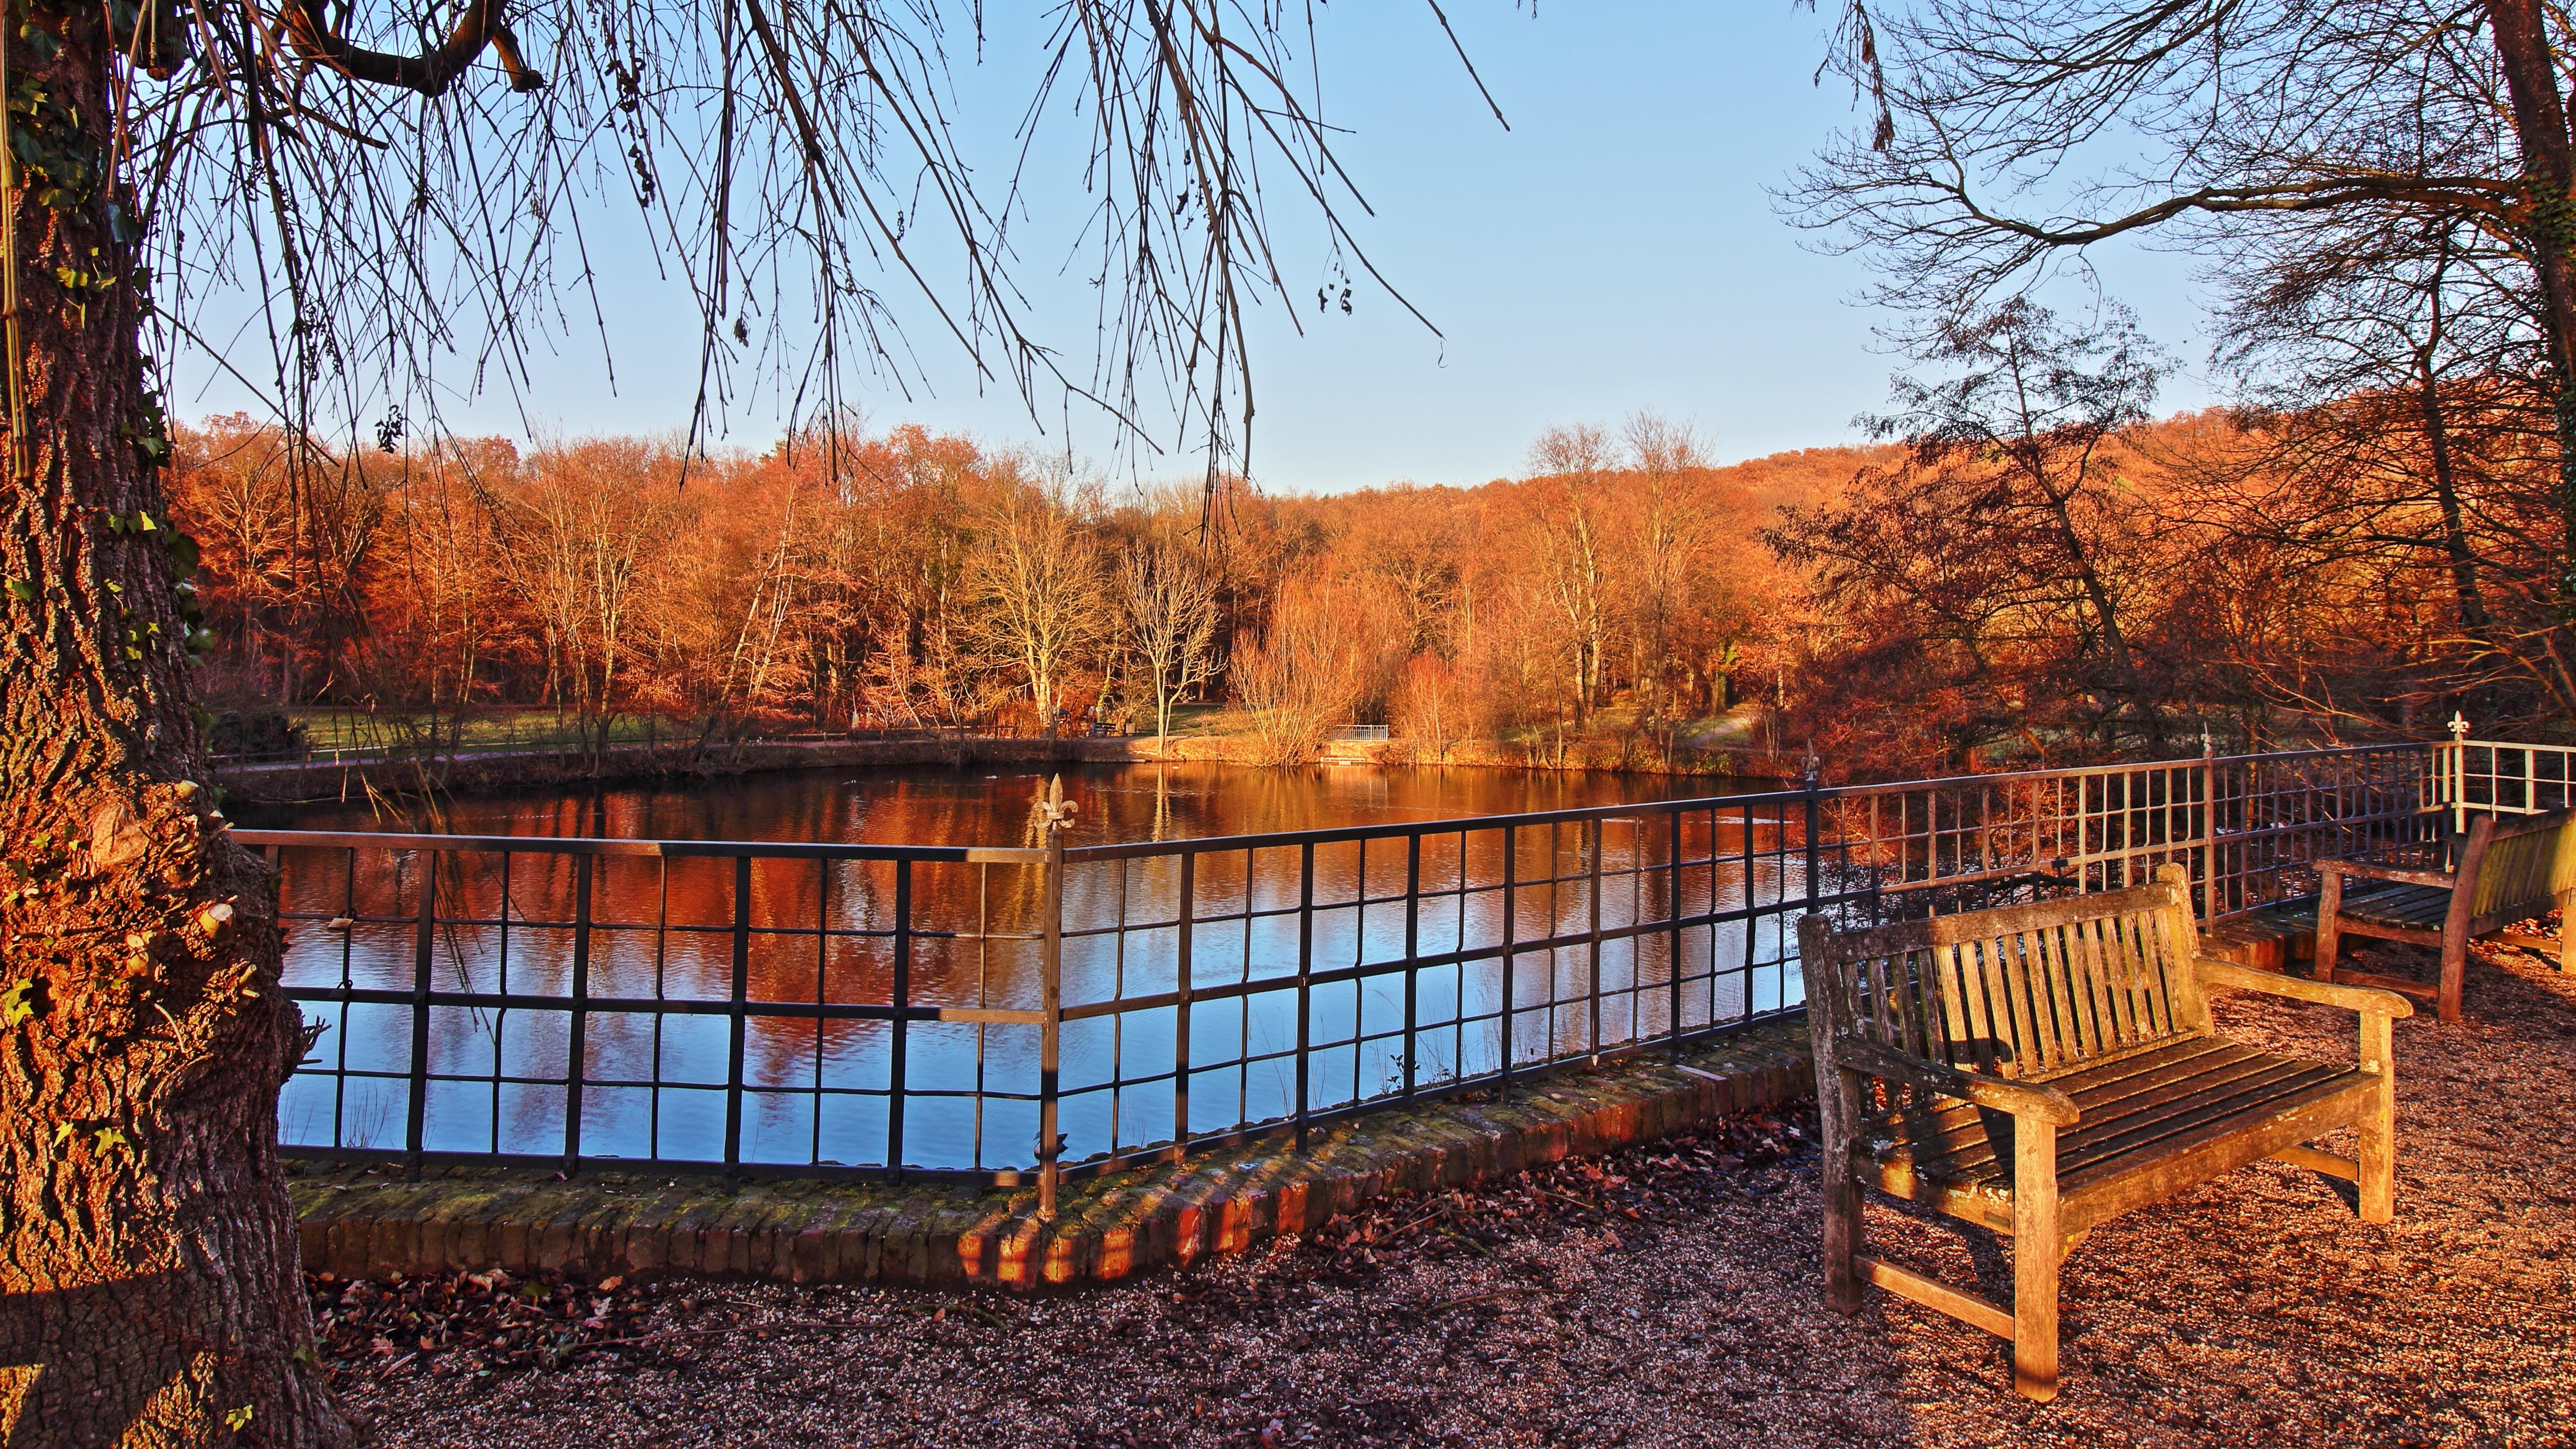 Landschaft Wasser Zaun Holz Blatt Zuhause Teich Hütte Herbst Park Hinterhof  Jahreszeit Bäume Entstehen Wald Blockhaus